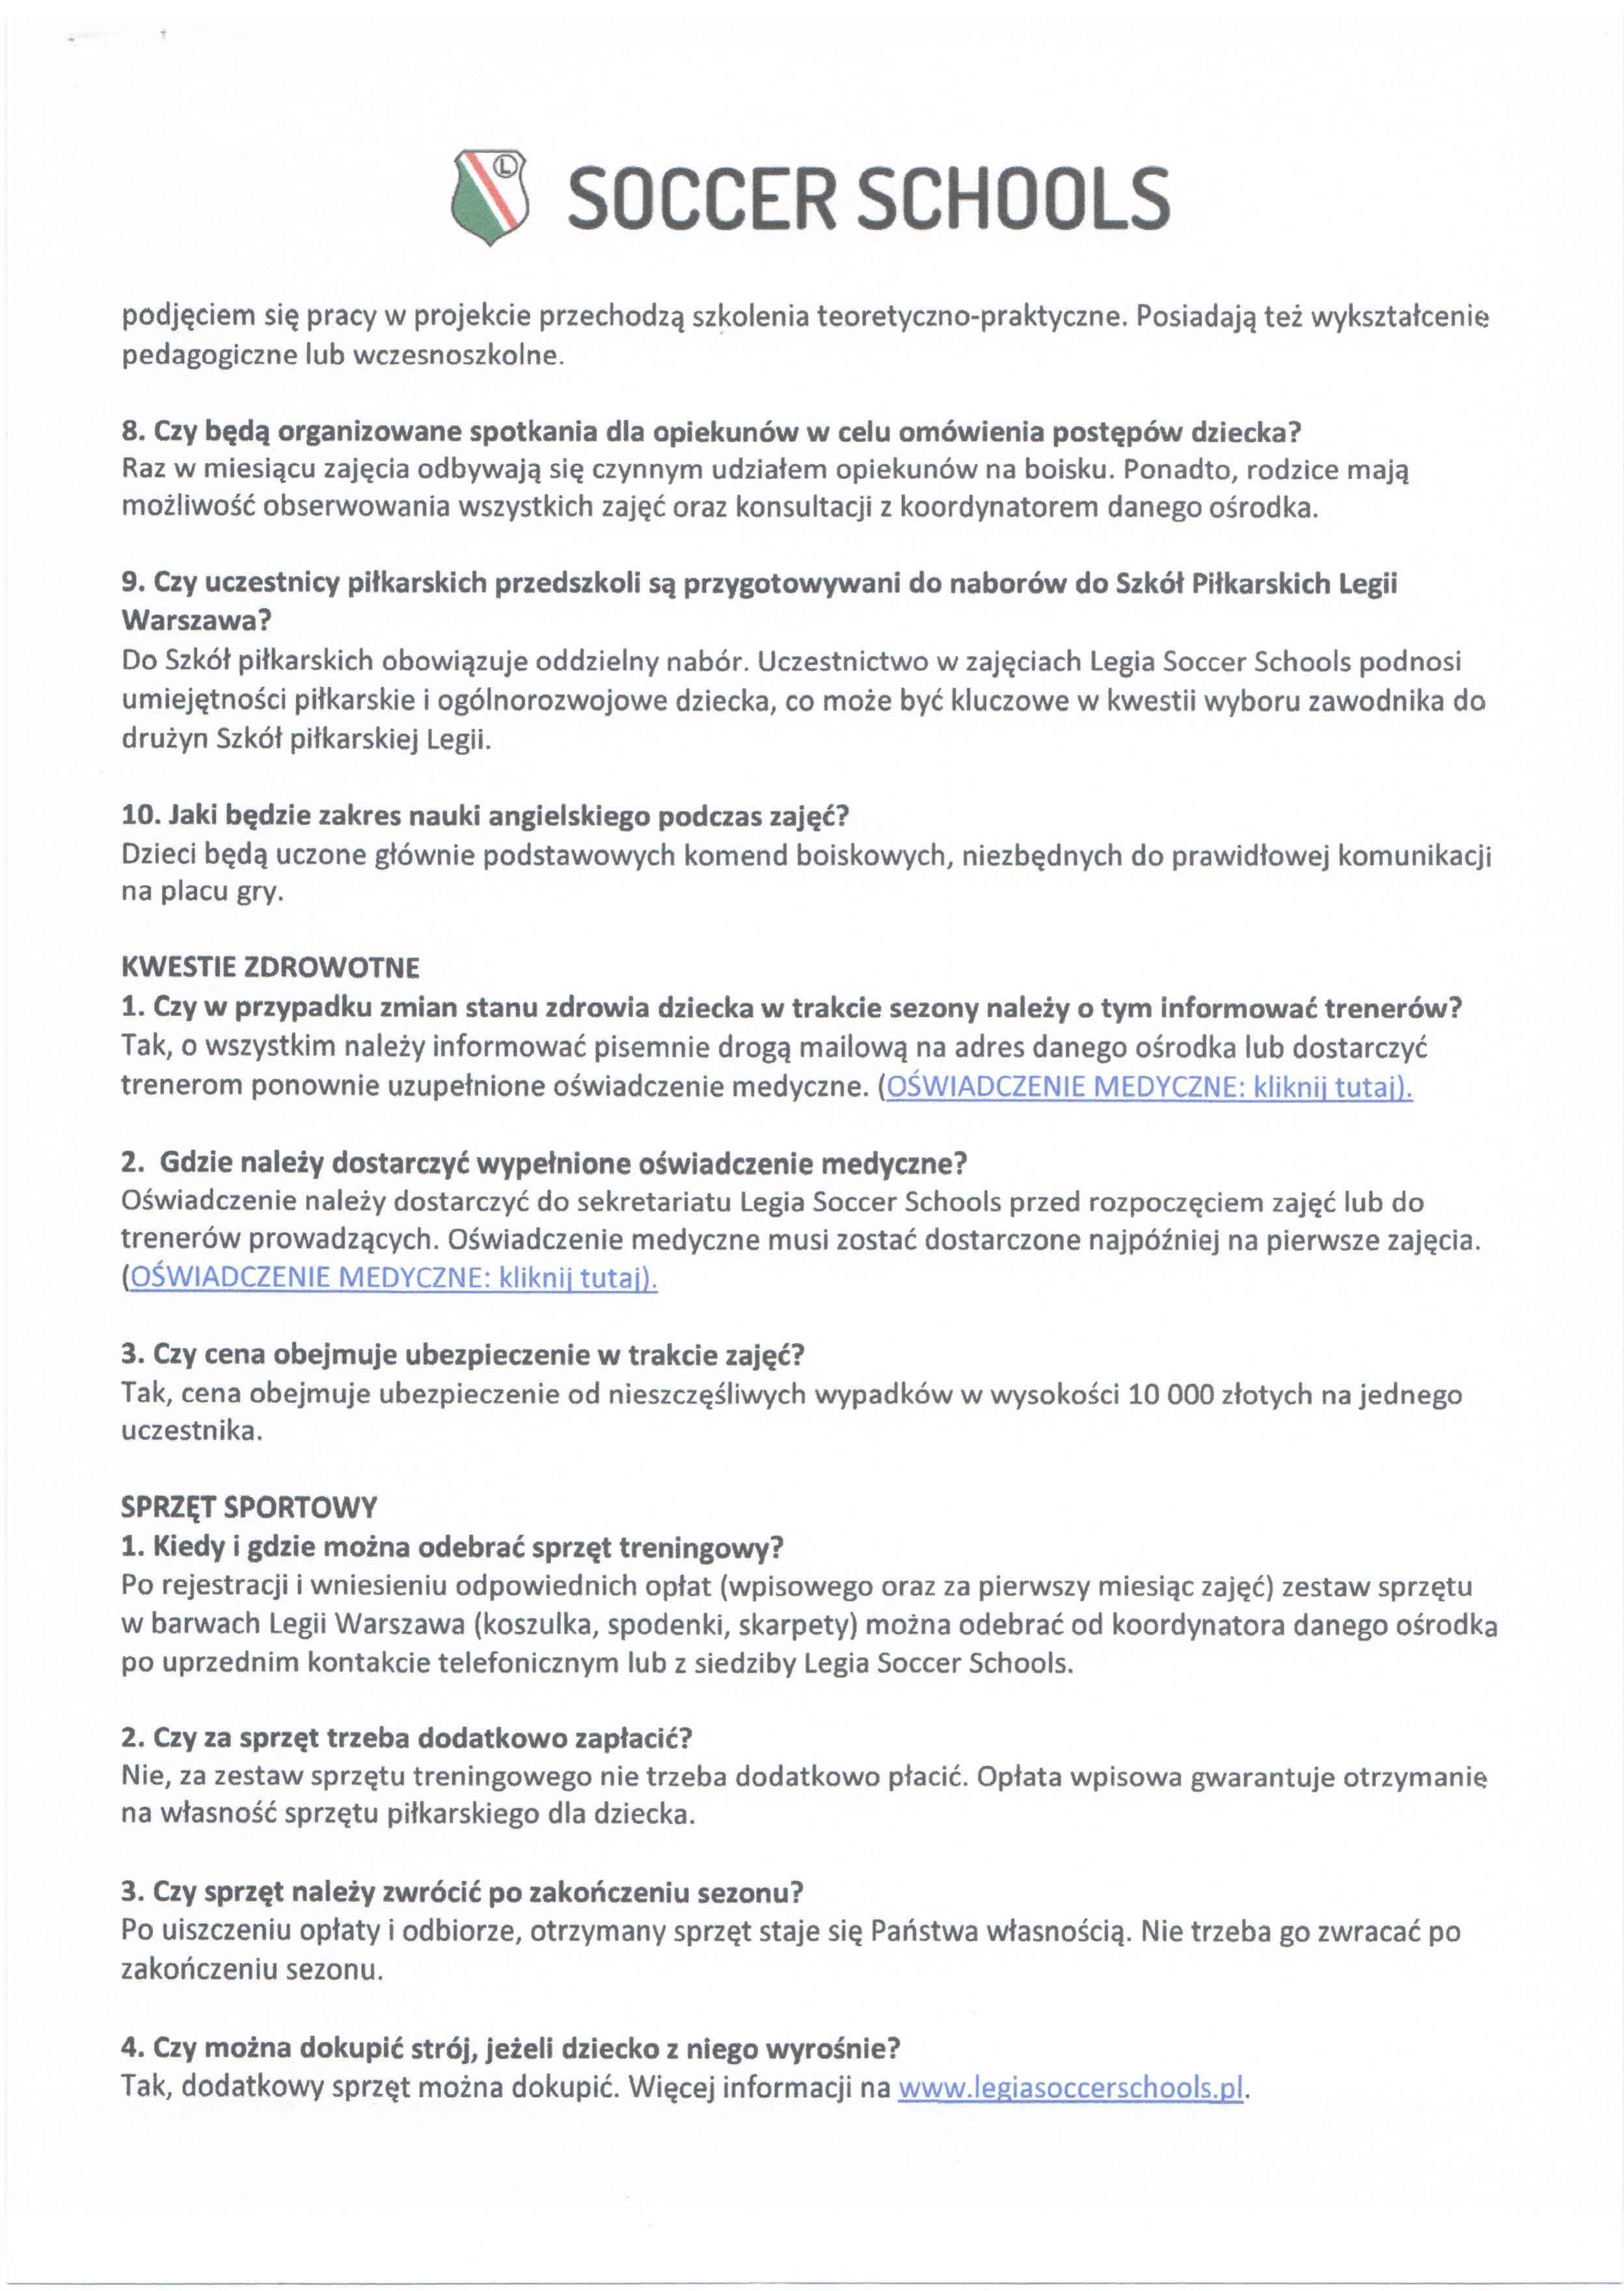 FAQ_-_najczestsze_pytania.4.jpg